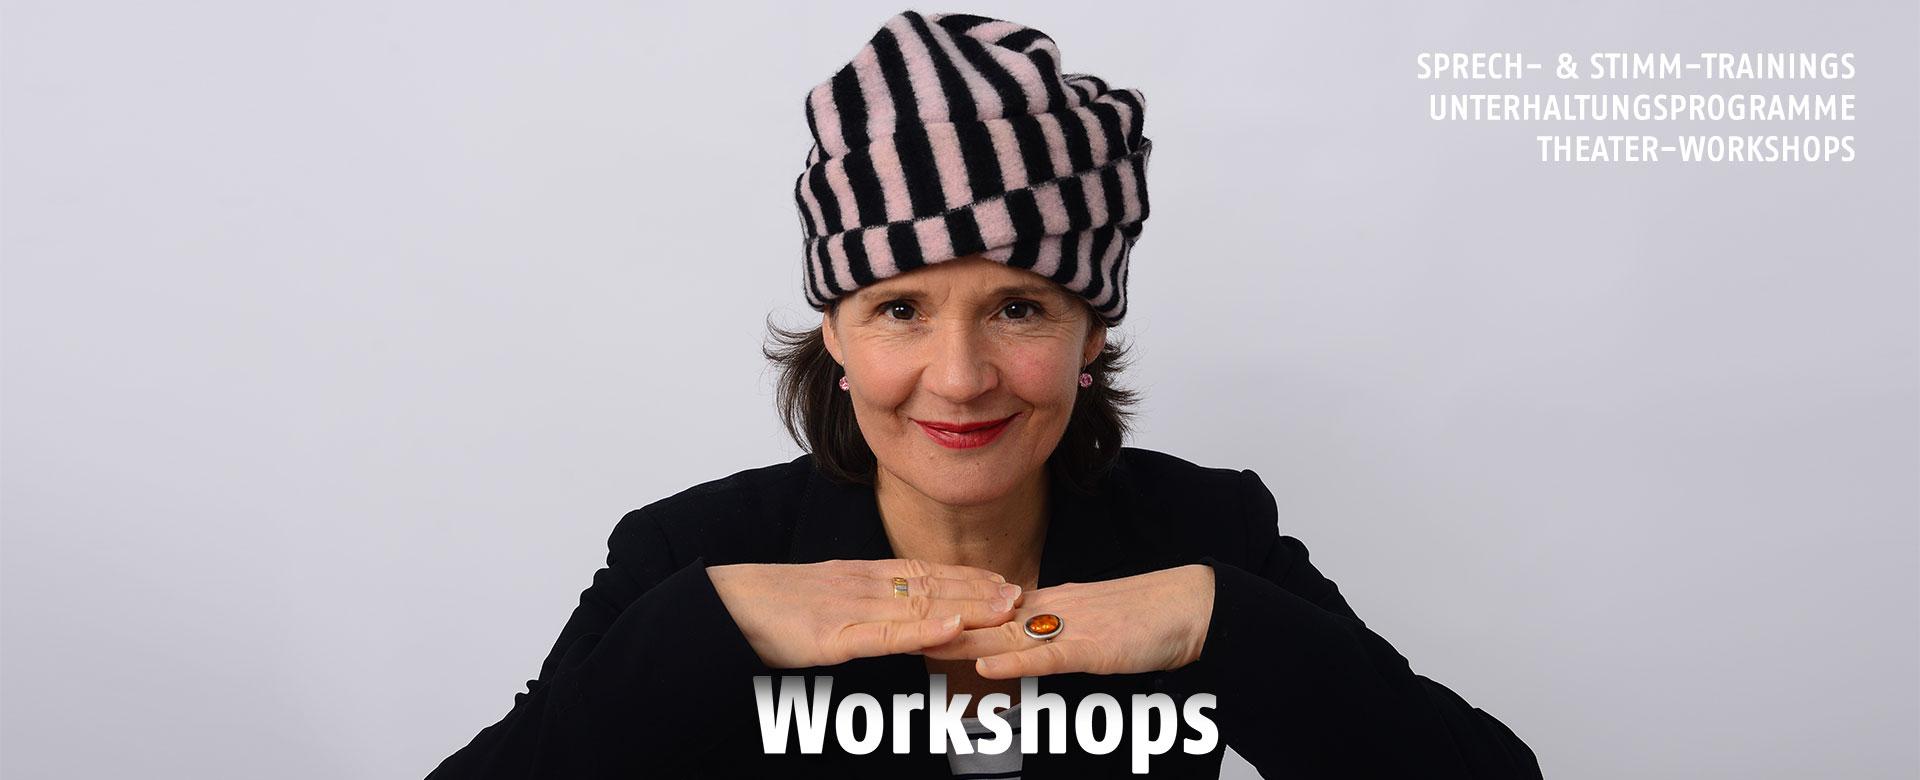 Theater-Workshops und Sprech-Stimm-Workshop Esslingen